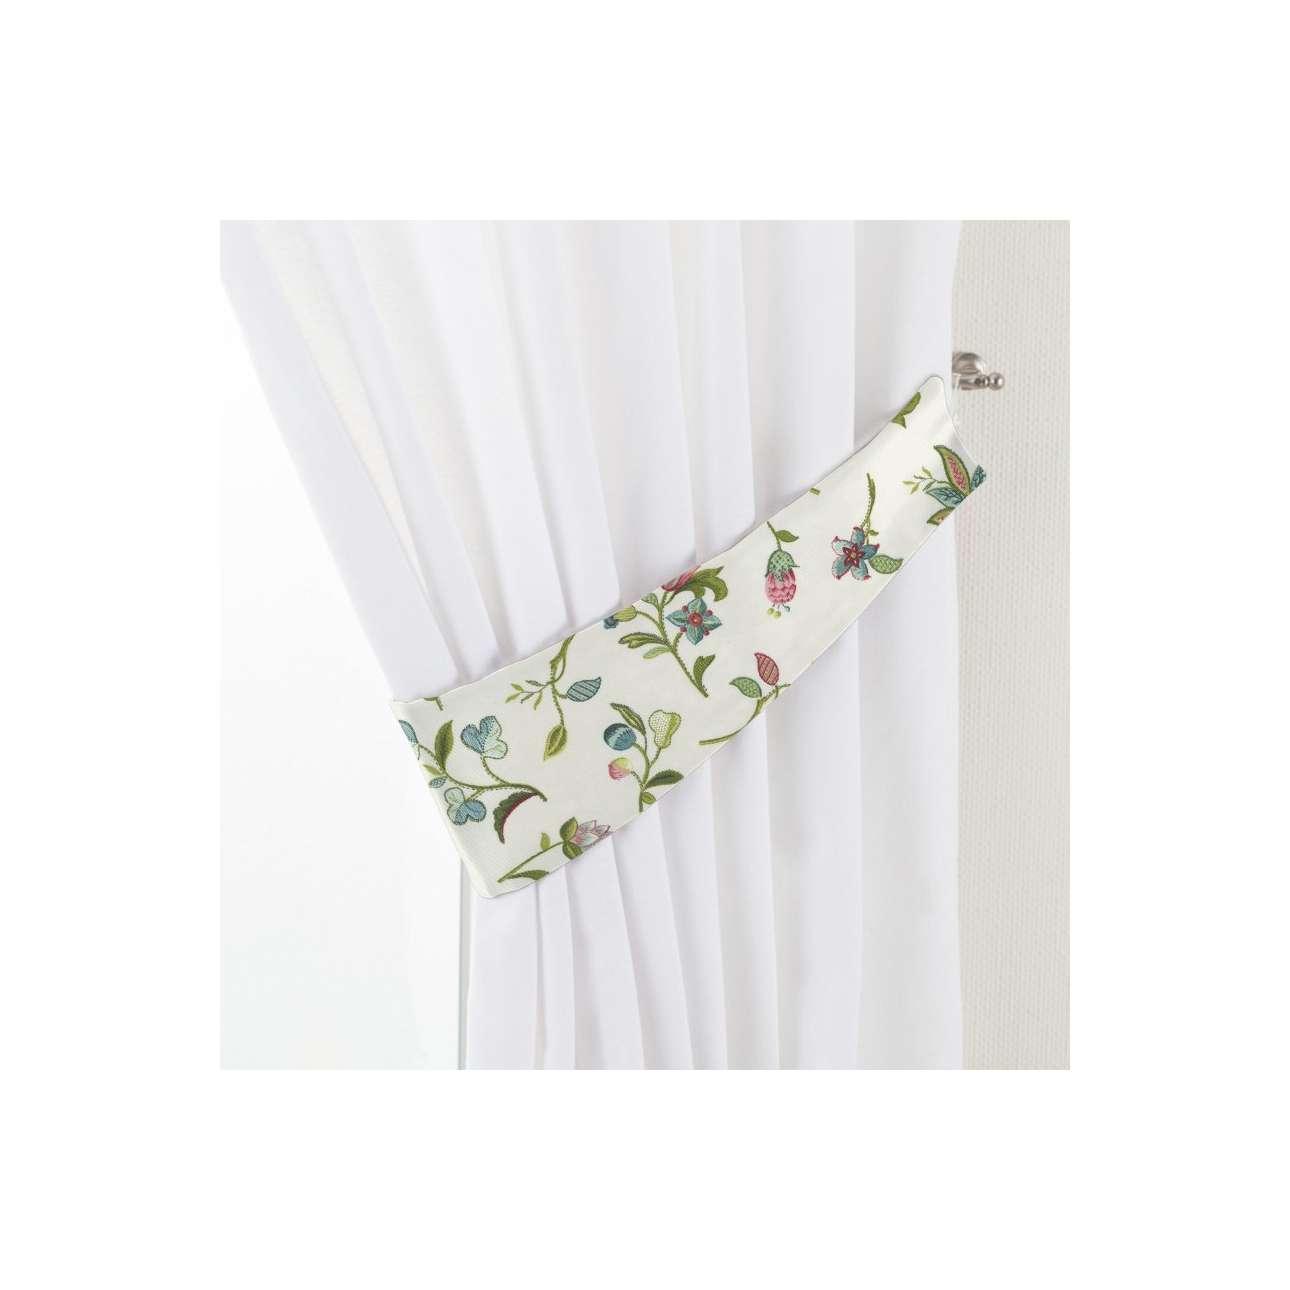 Dekoria Vázačka Victoria, menší pohádkové květy na světlém podkladu, 12 × 70 cm, Londres, 122-02